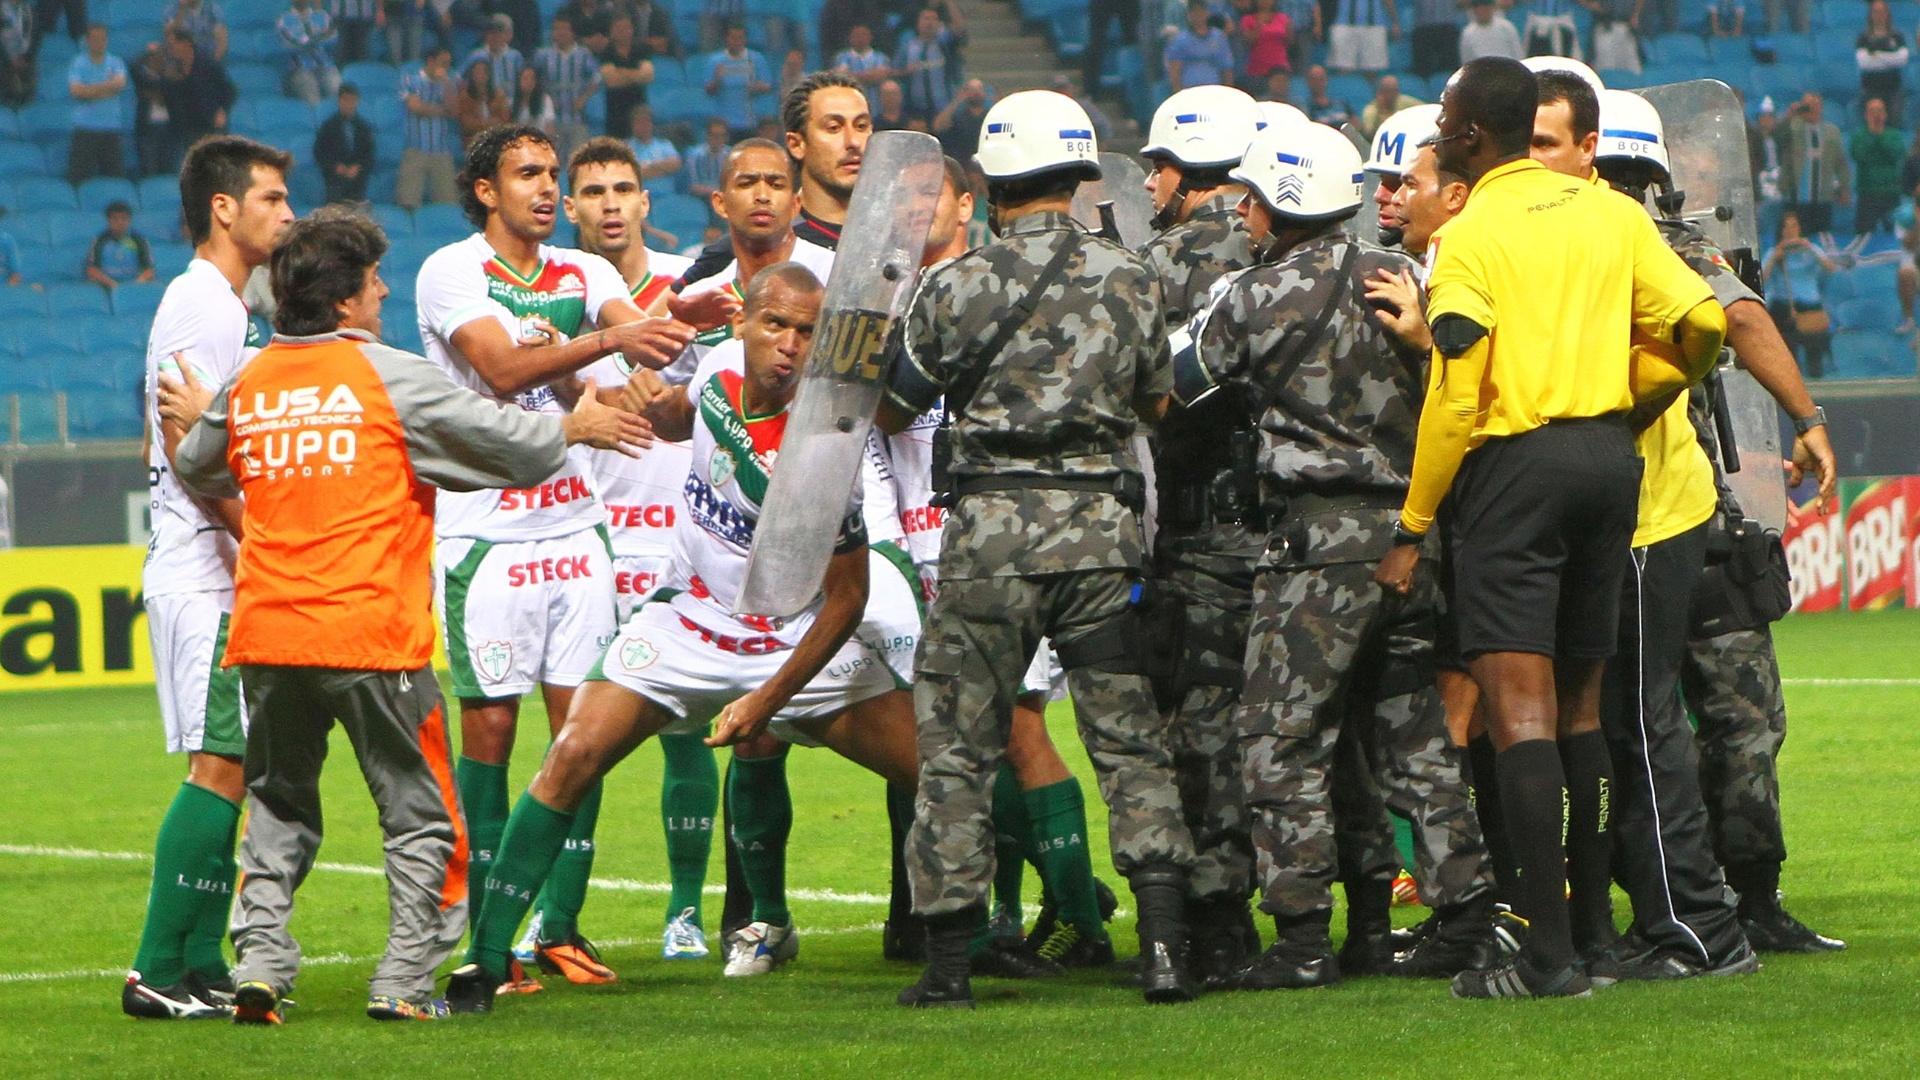 Zagueiro Valdomiro se prepara para acertar um soco no escudo de um policial militar após o jogo da Portuguesa contra o Grêmio, na Arena. Jogadores reclamavam de um pênalti marcado para os gaúchos (07/09/2013)